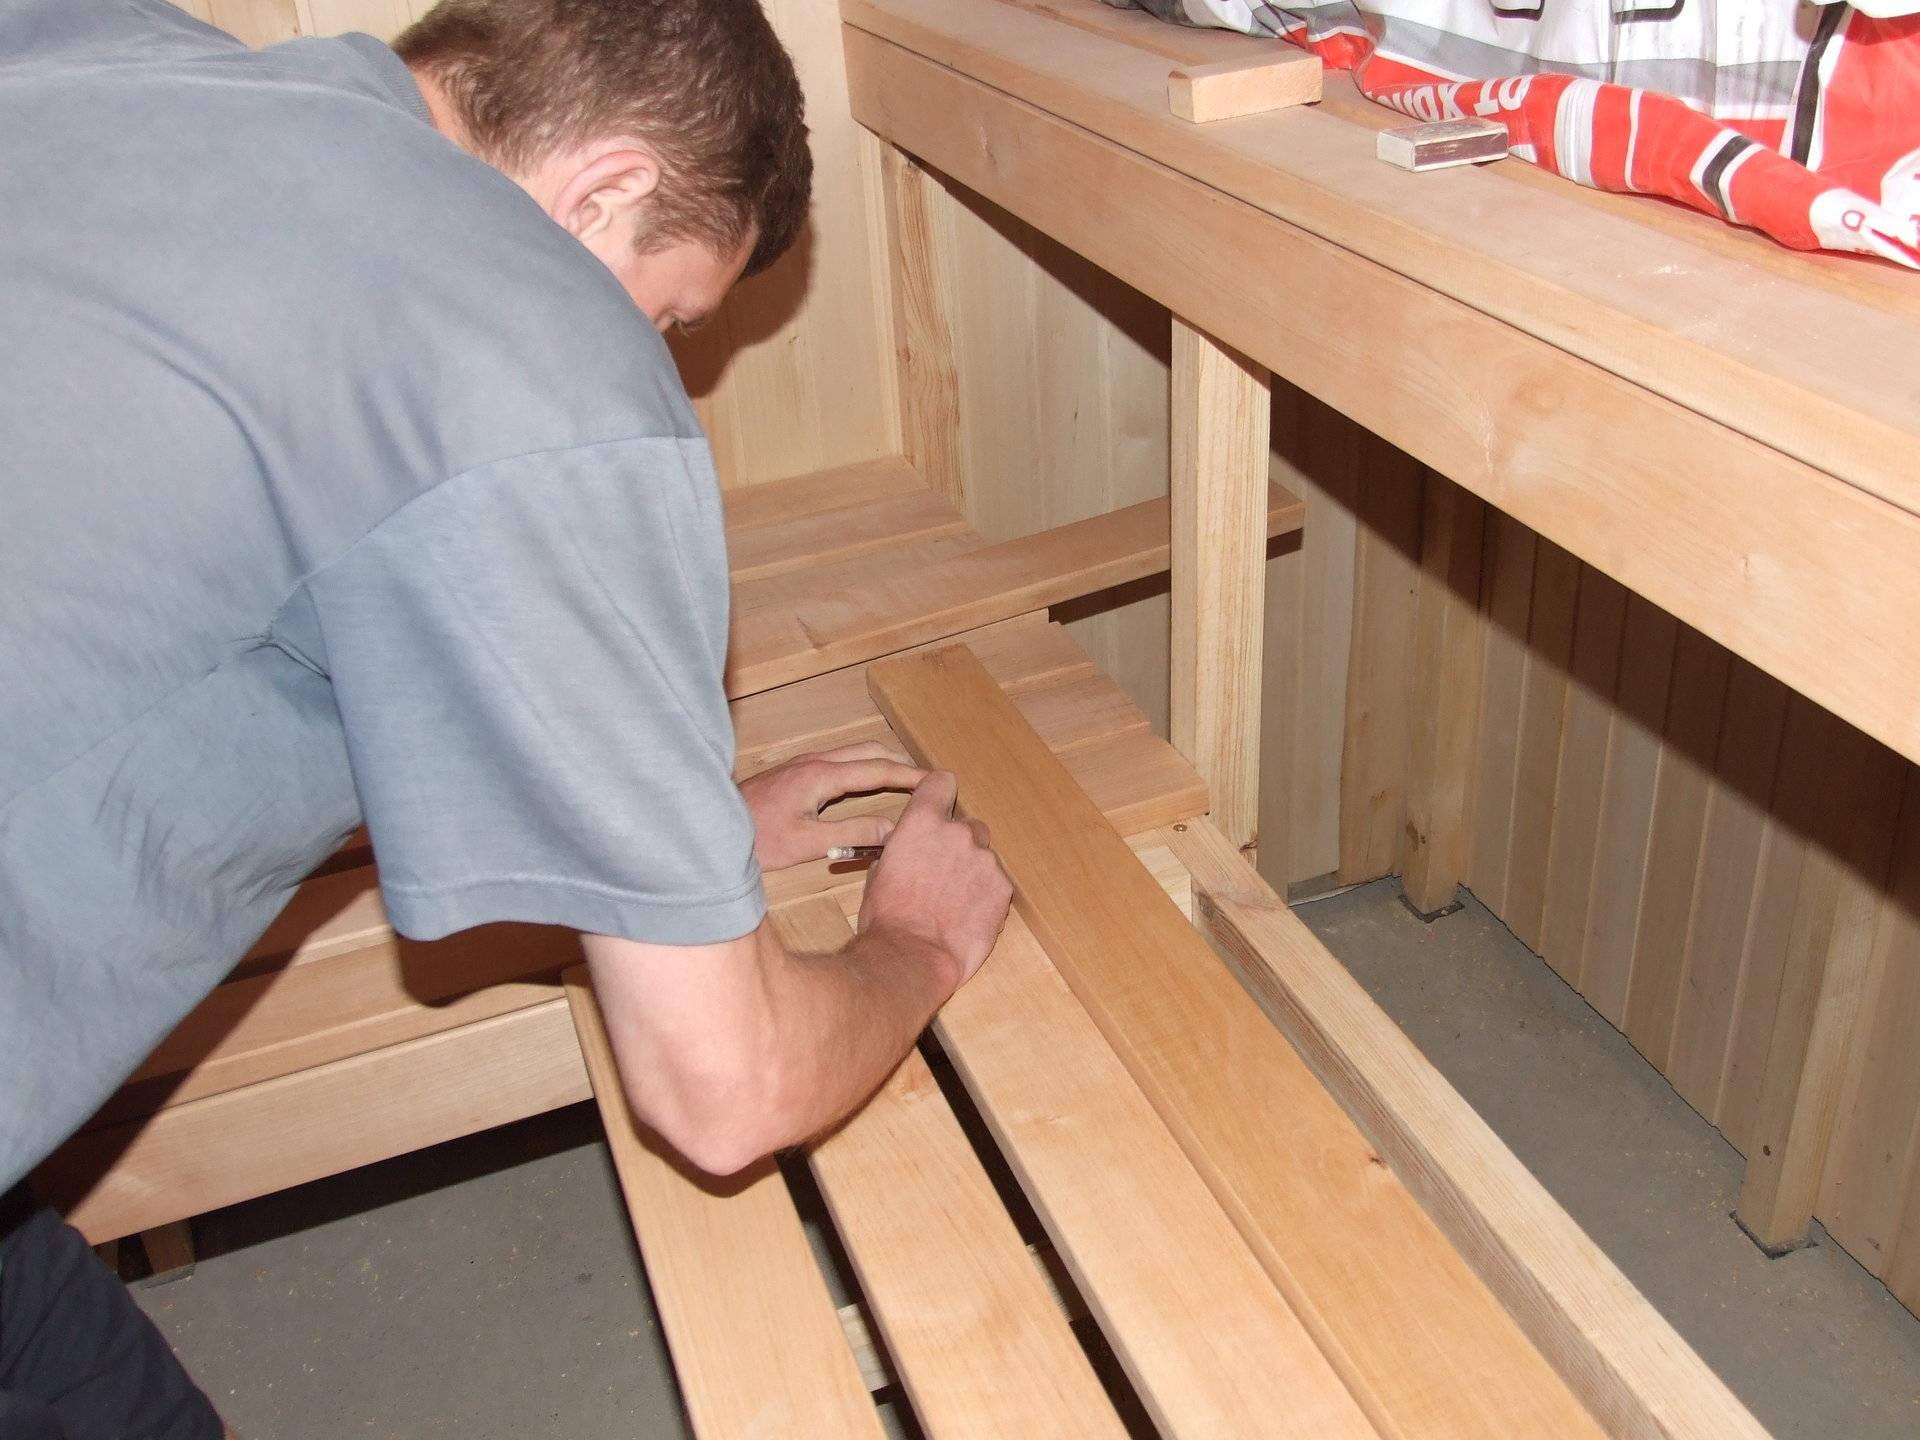 Чем крепить вагонку к потолку в бане и как обшить: отделка и установка, обшивка своими руками